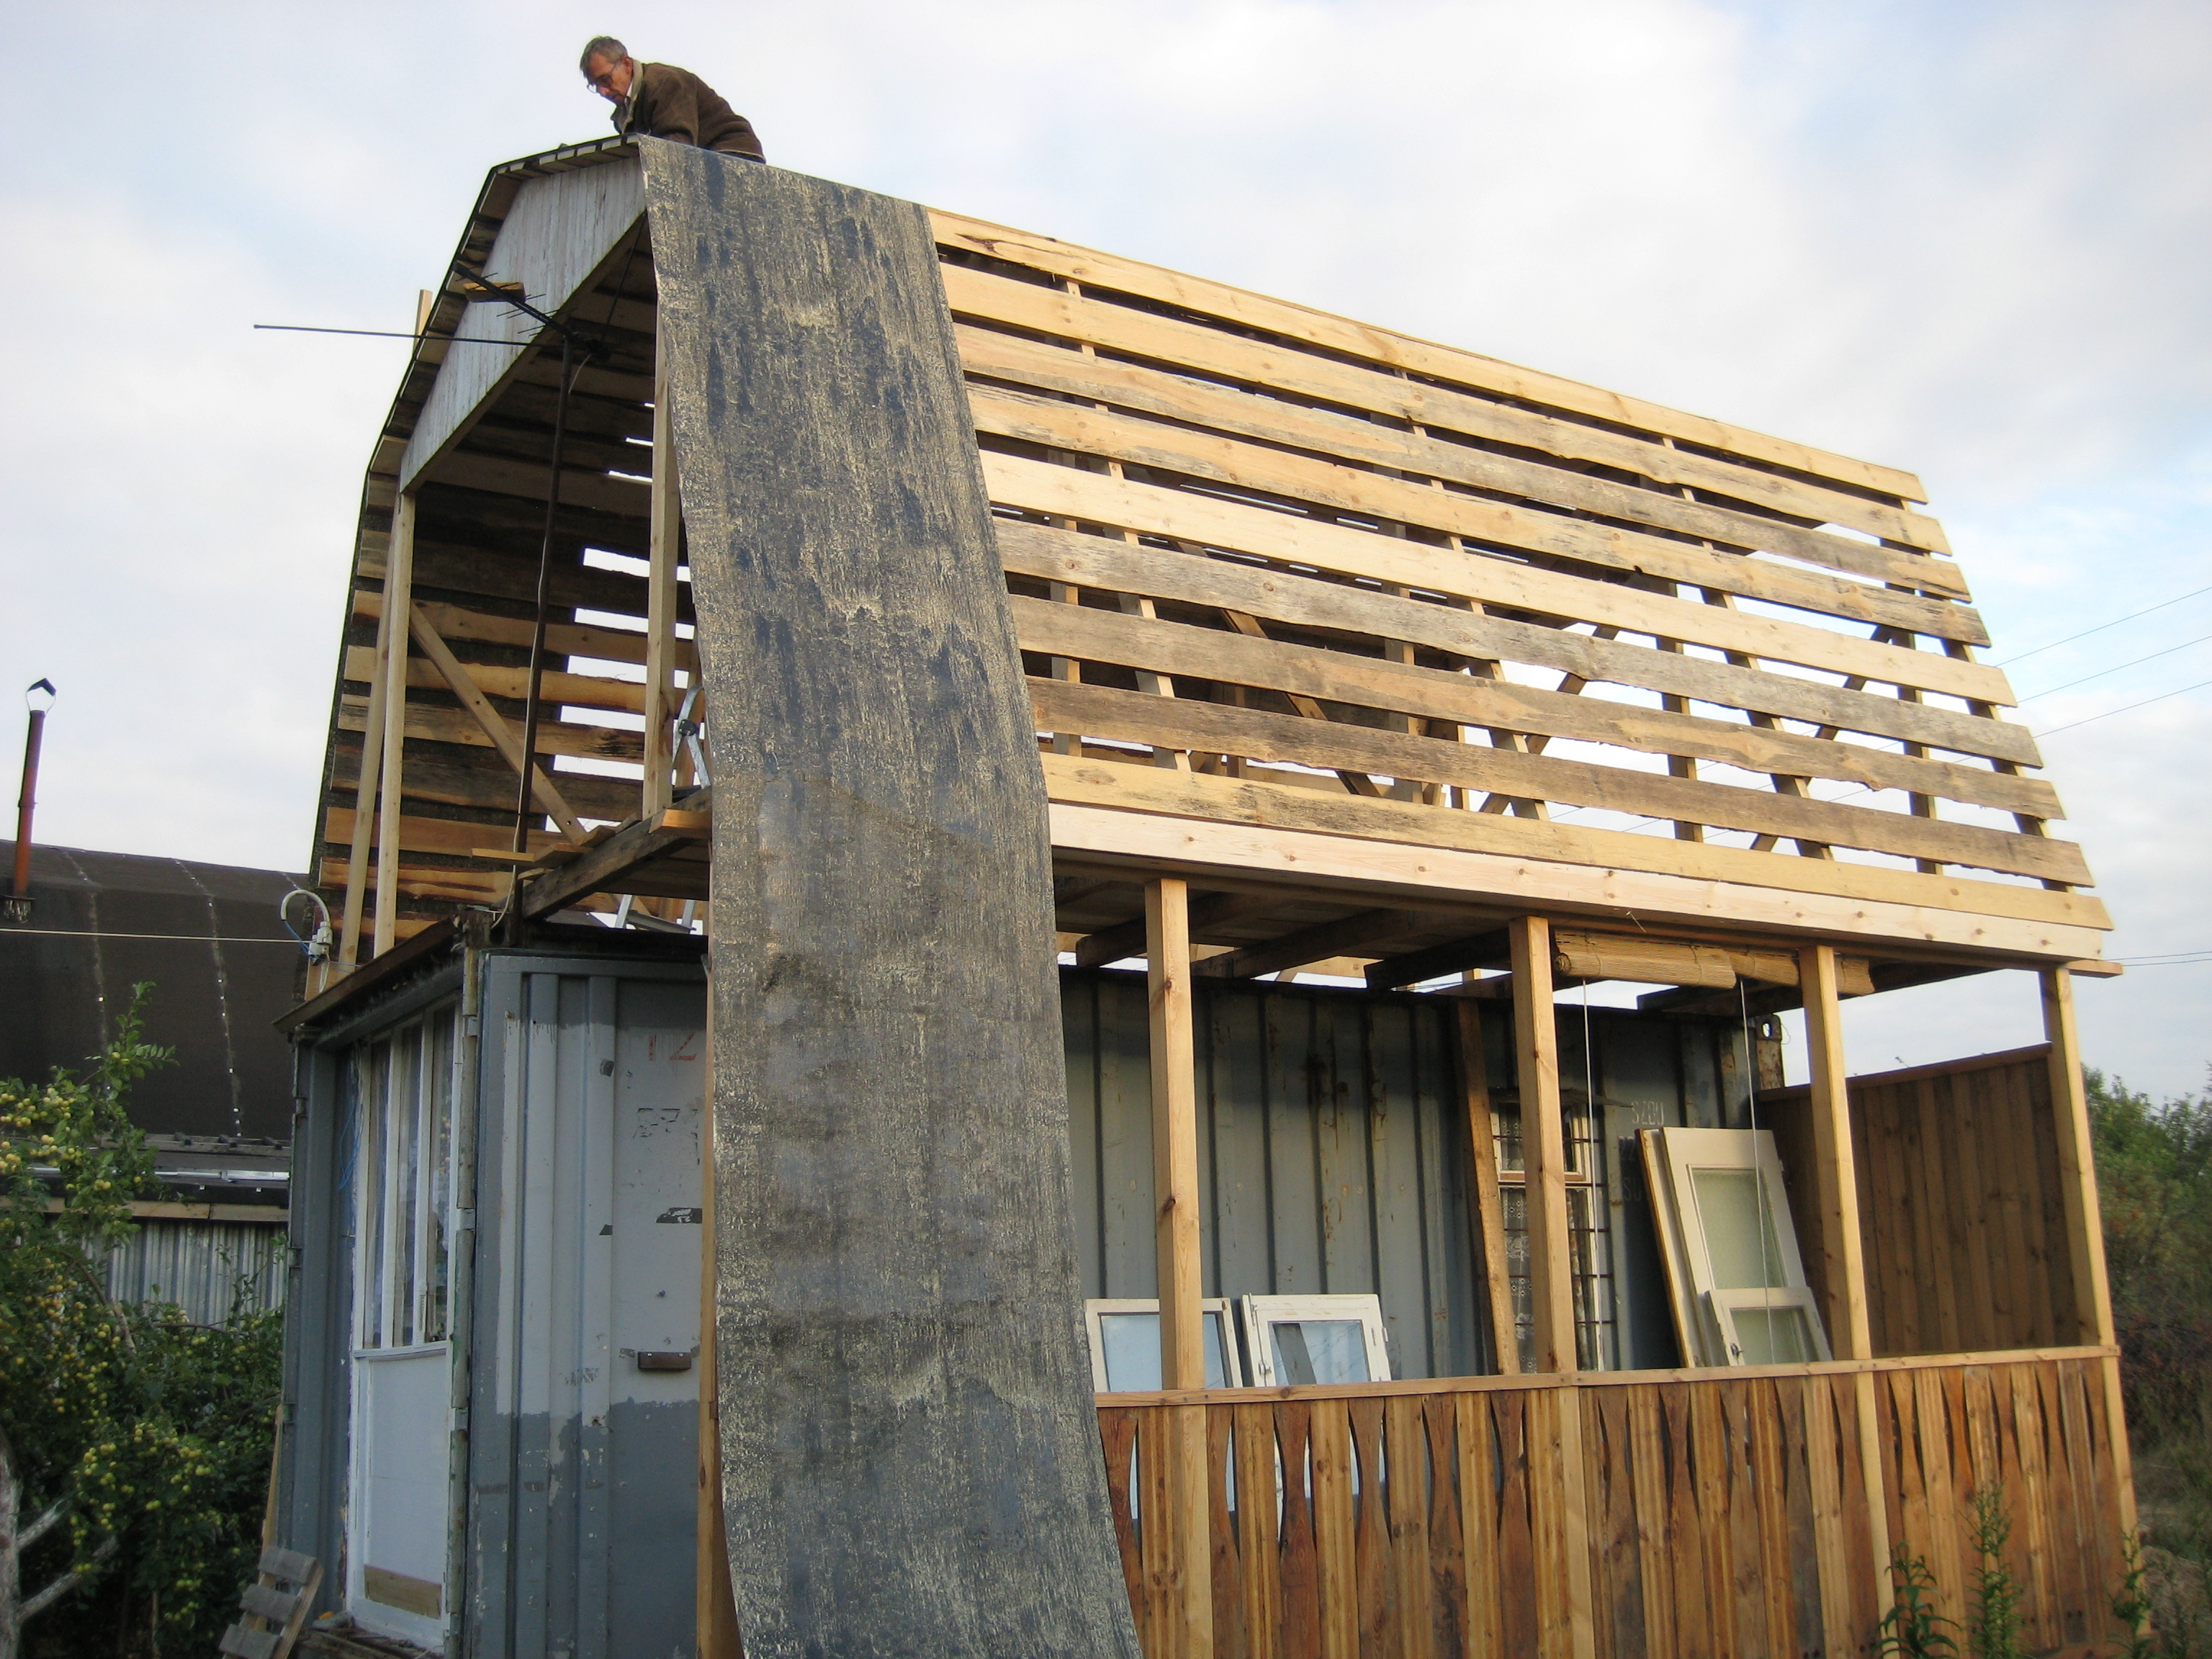 Гибкость материала обеспечивает удобство его укладки на крышах сложной конфигурации